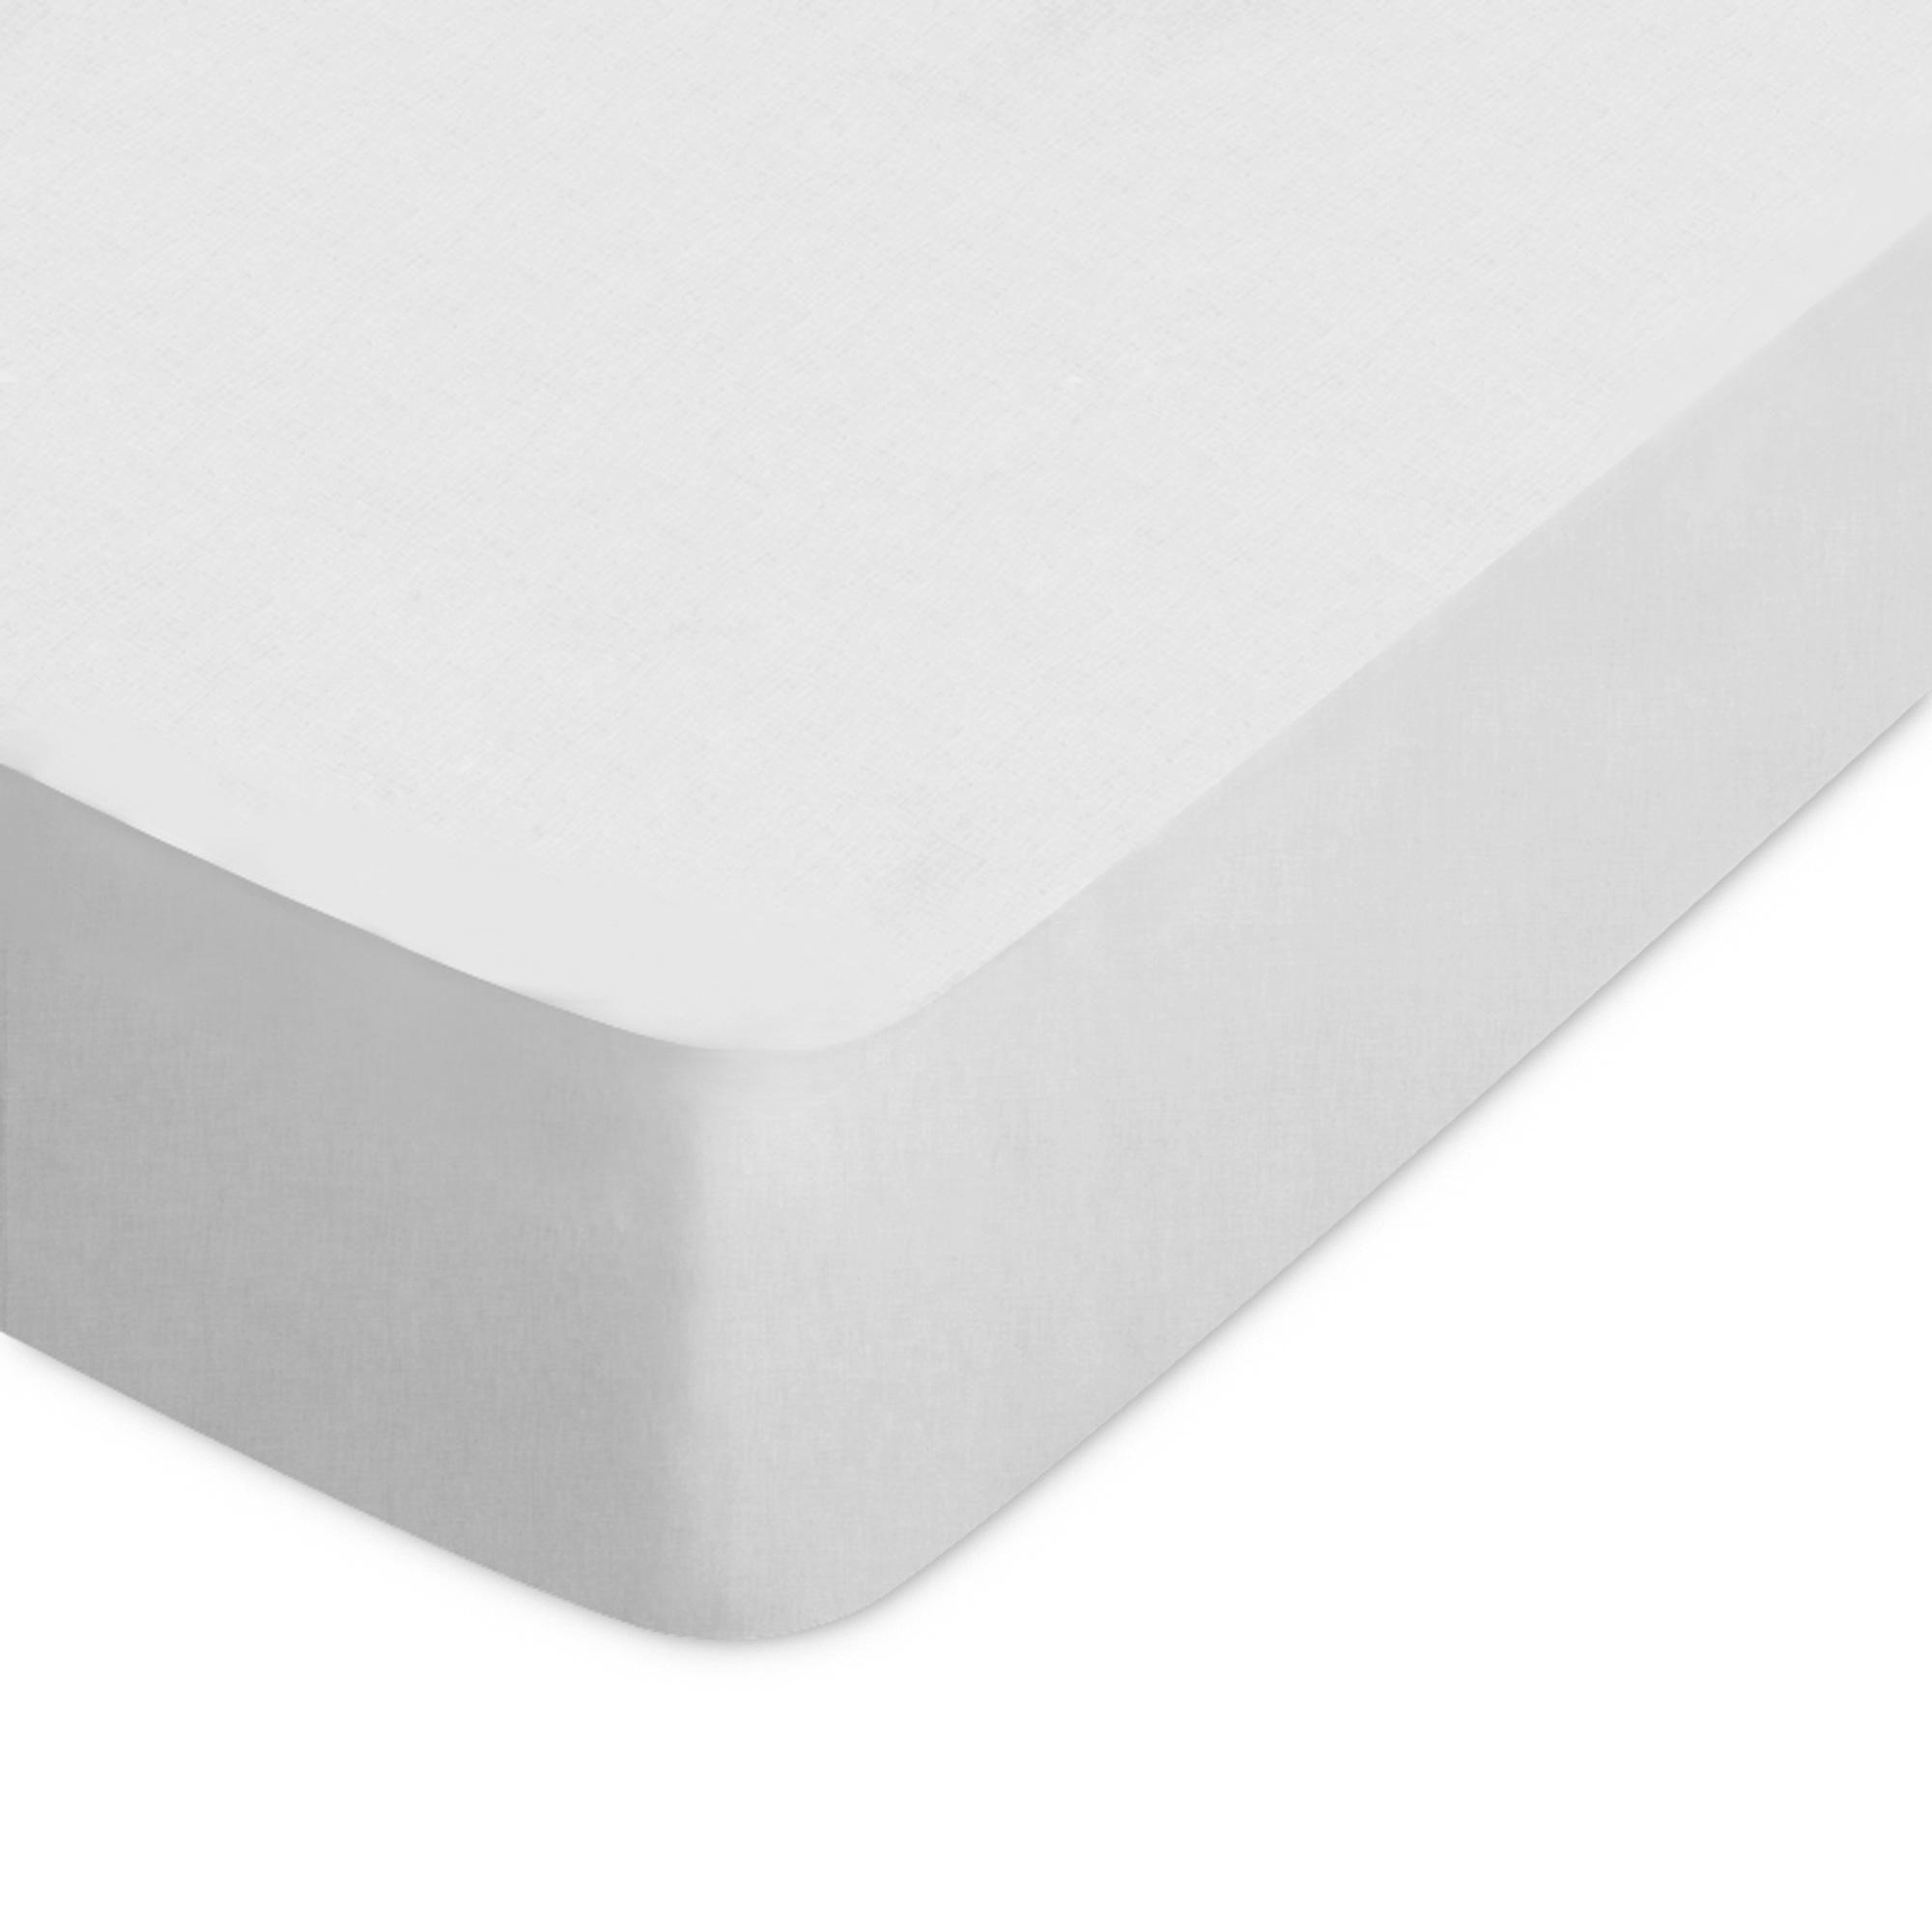 drap housse coton 180x220 gris clair achat vente drap housse cdiscount. Black Bedroom Furniture Sets. Home Design Ideas